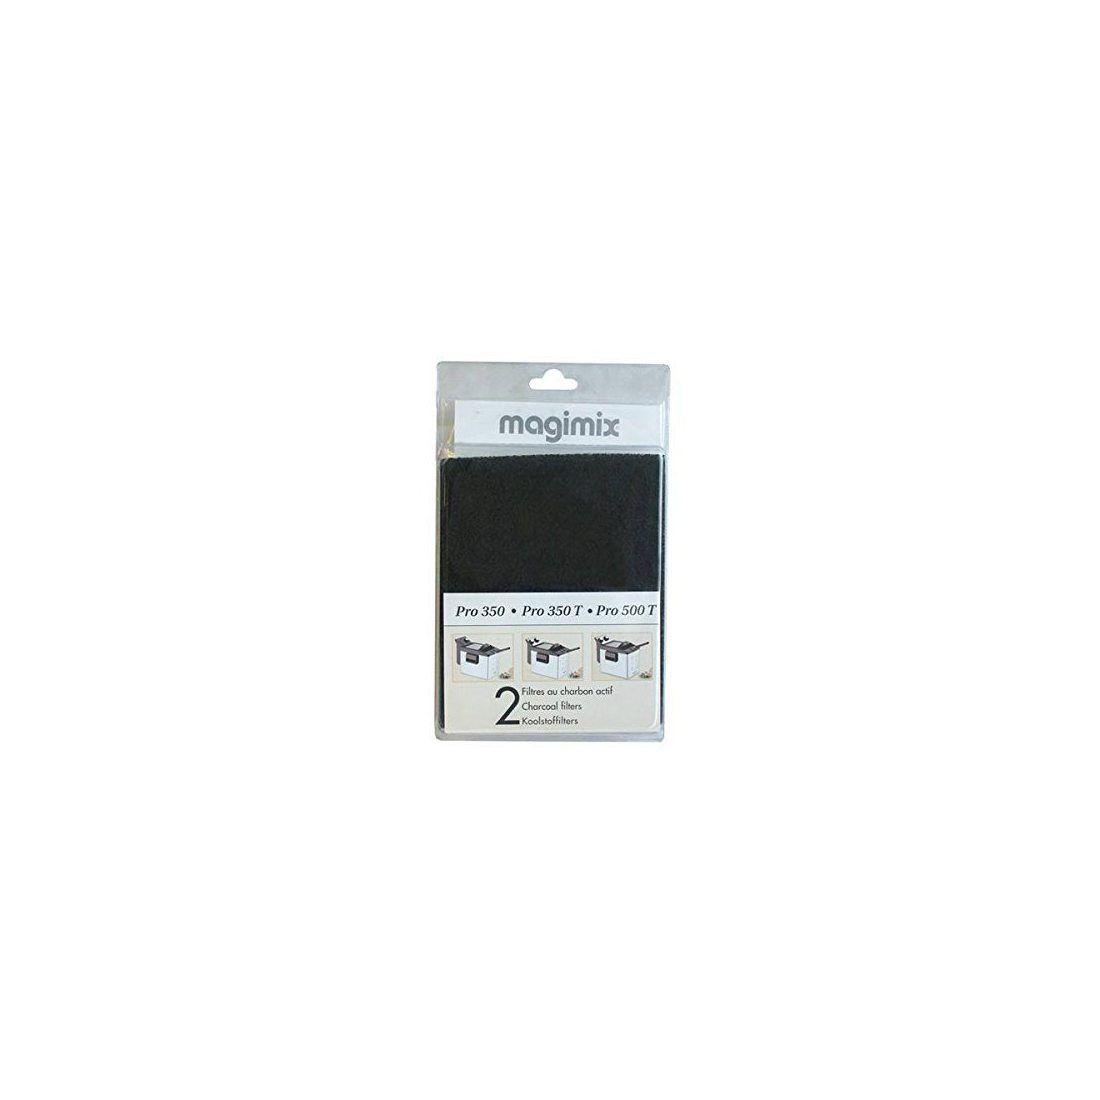 Magimix 17027Accessoire et fourniture ordinaire